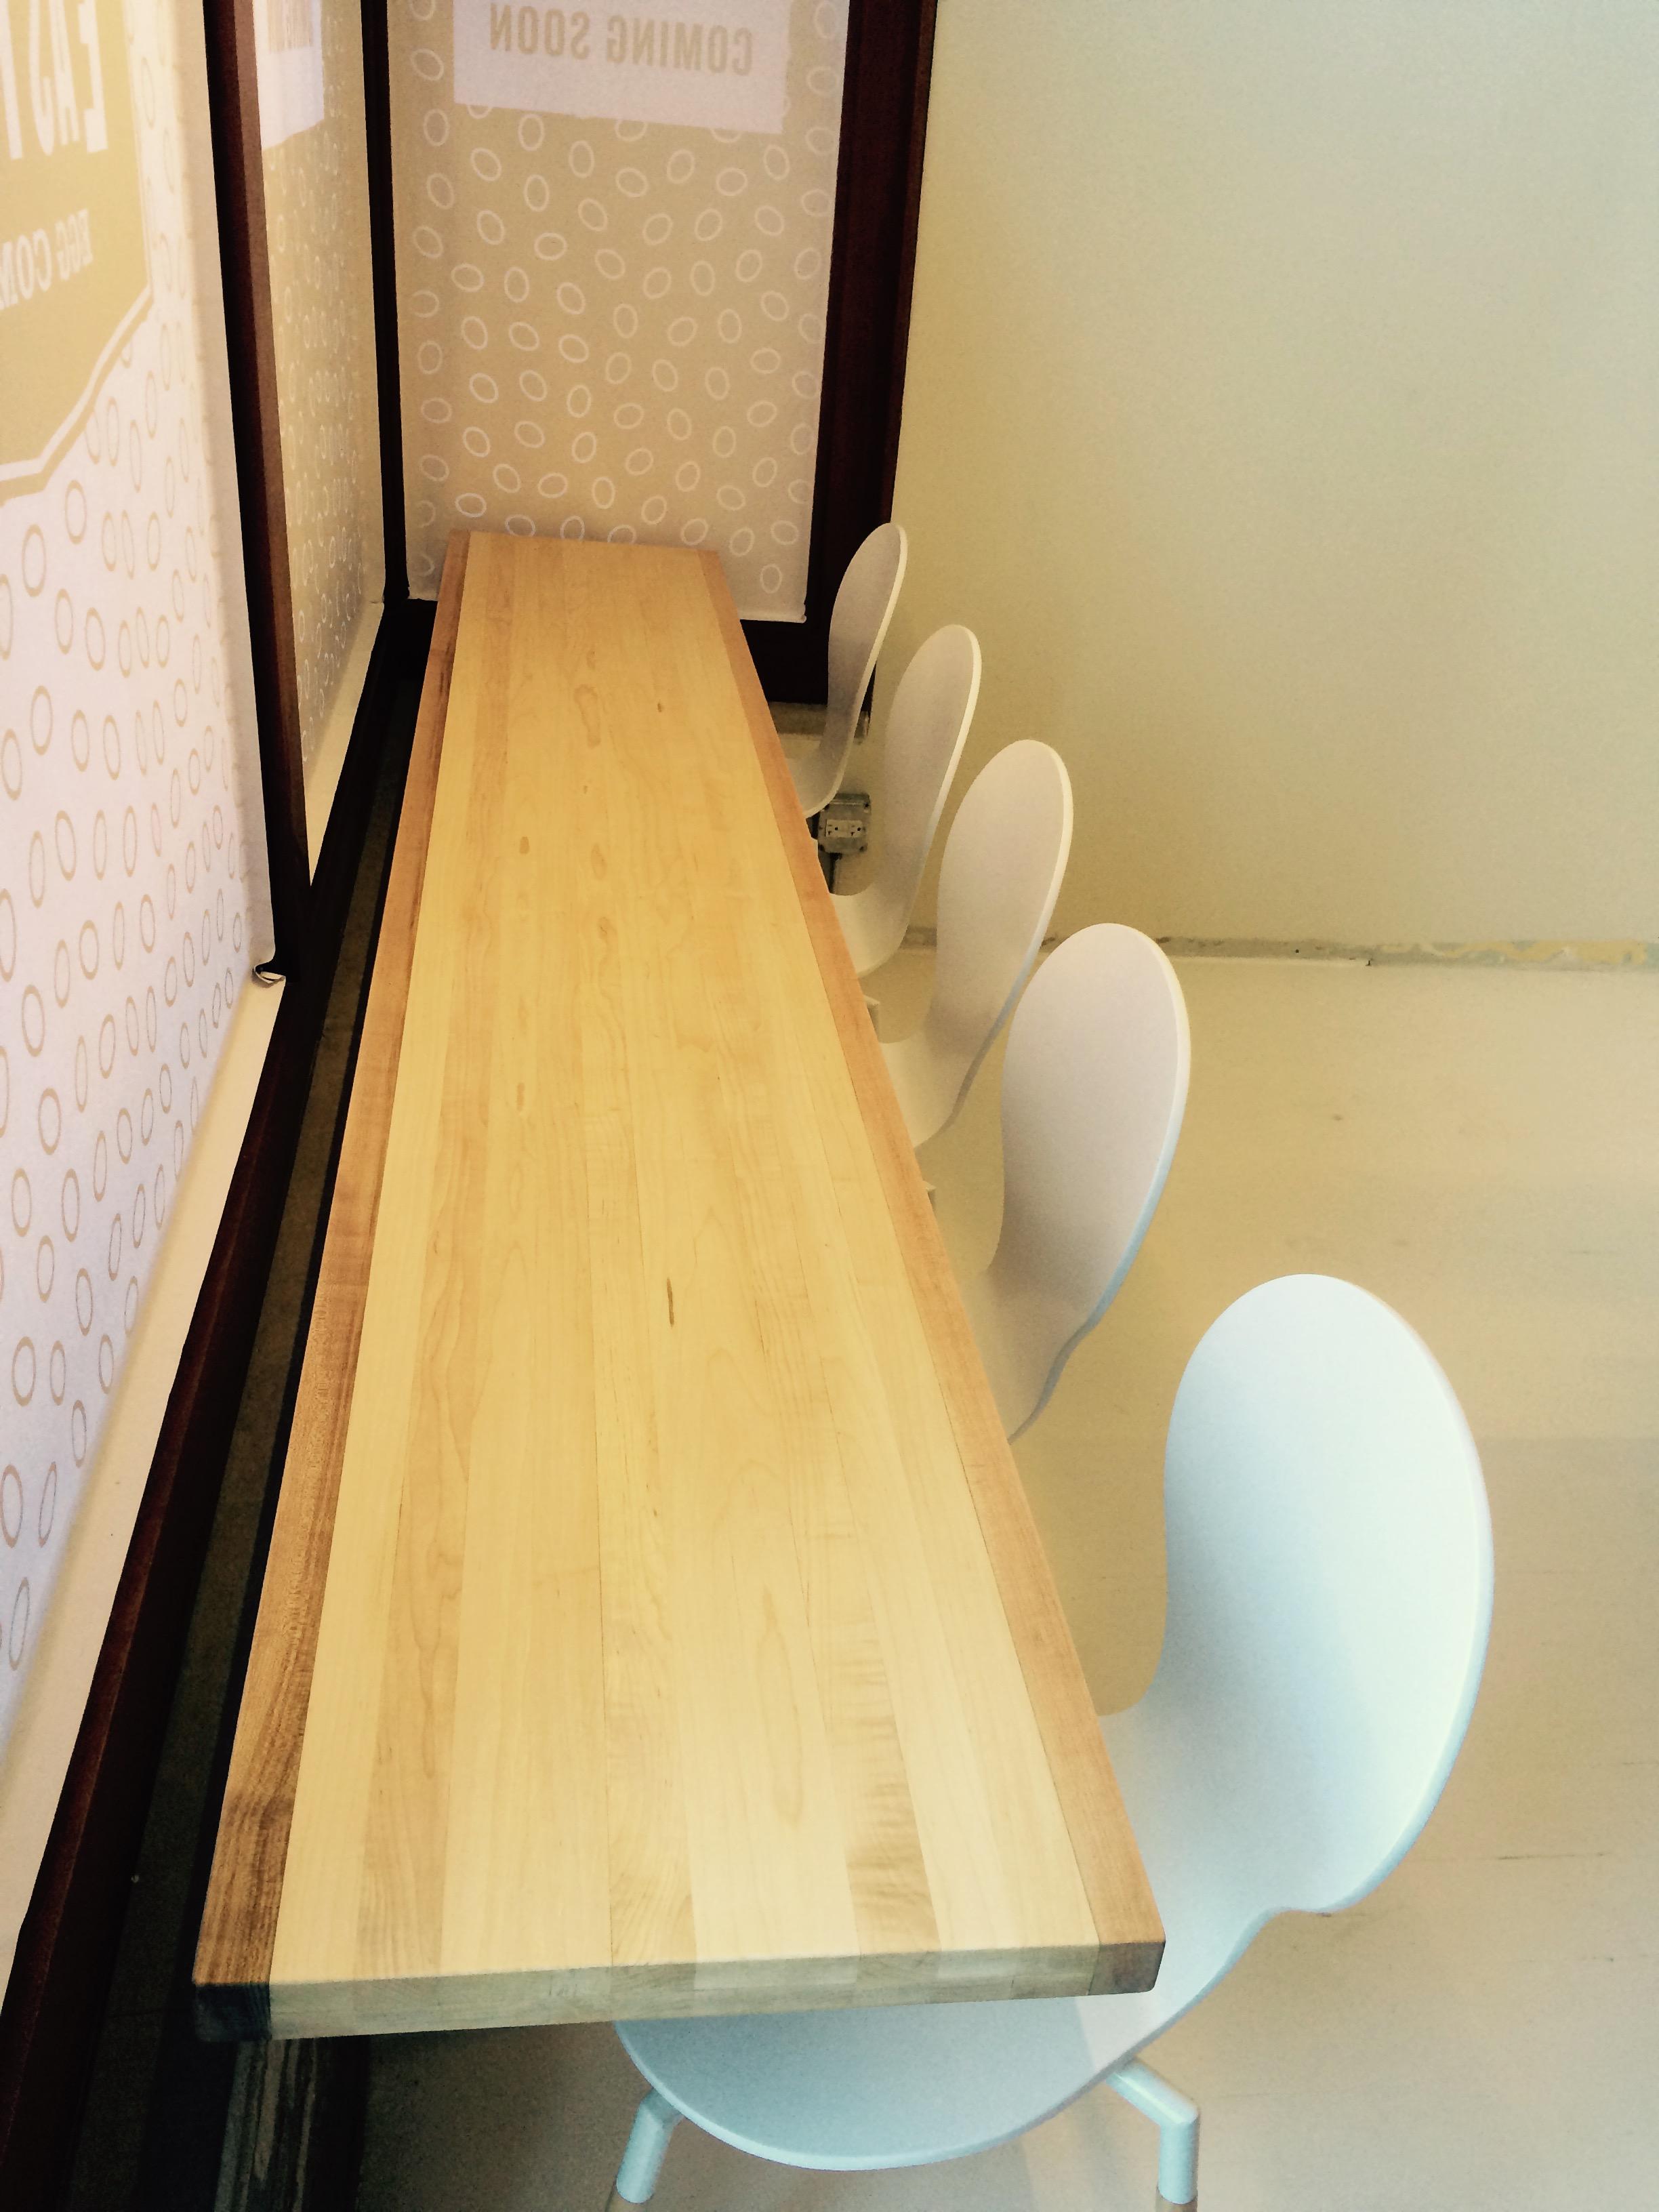 Eastman Egg Window Countertop Table